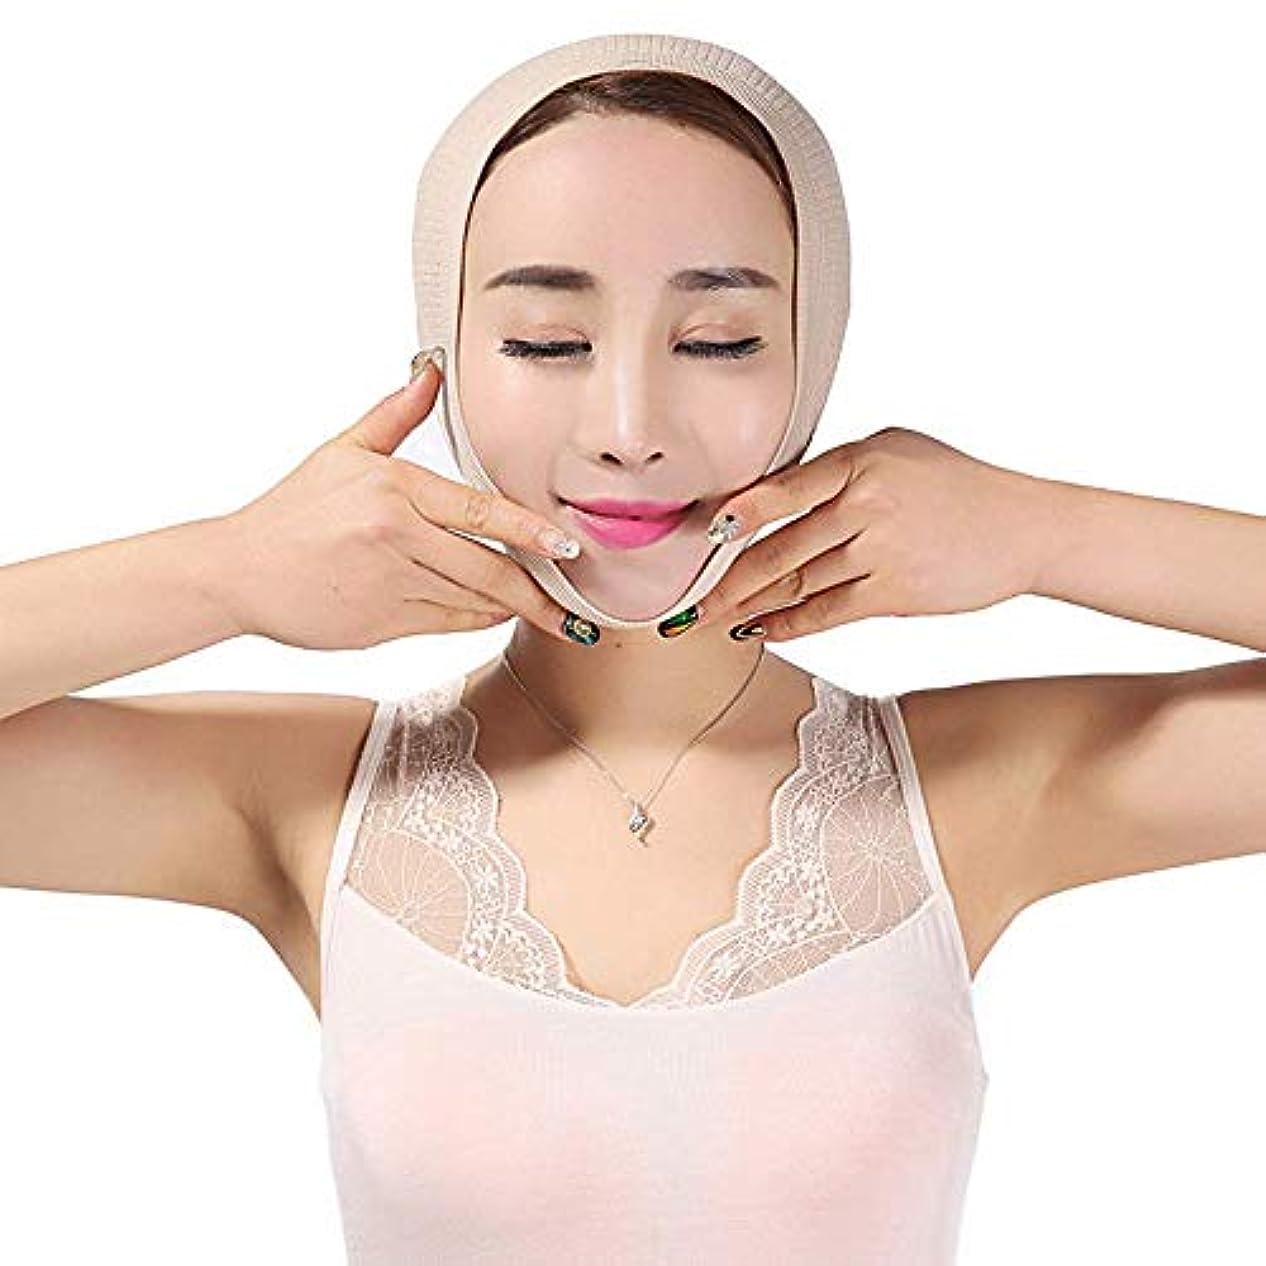 啓示ダウンタウン引き付ける薄い顔の器械のマスクの改装の包帯Vの表面持ち上がることの引き締めの美顔術の二重最大の顔のマッサージャー